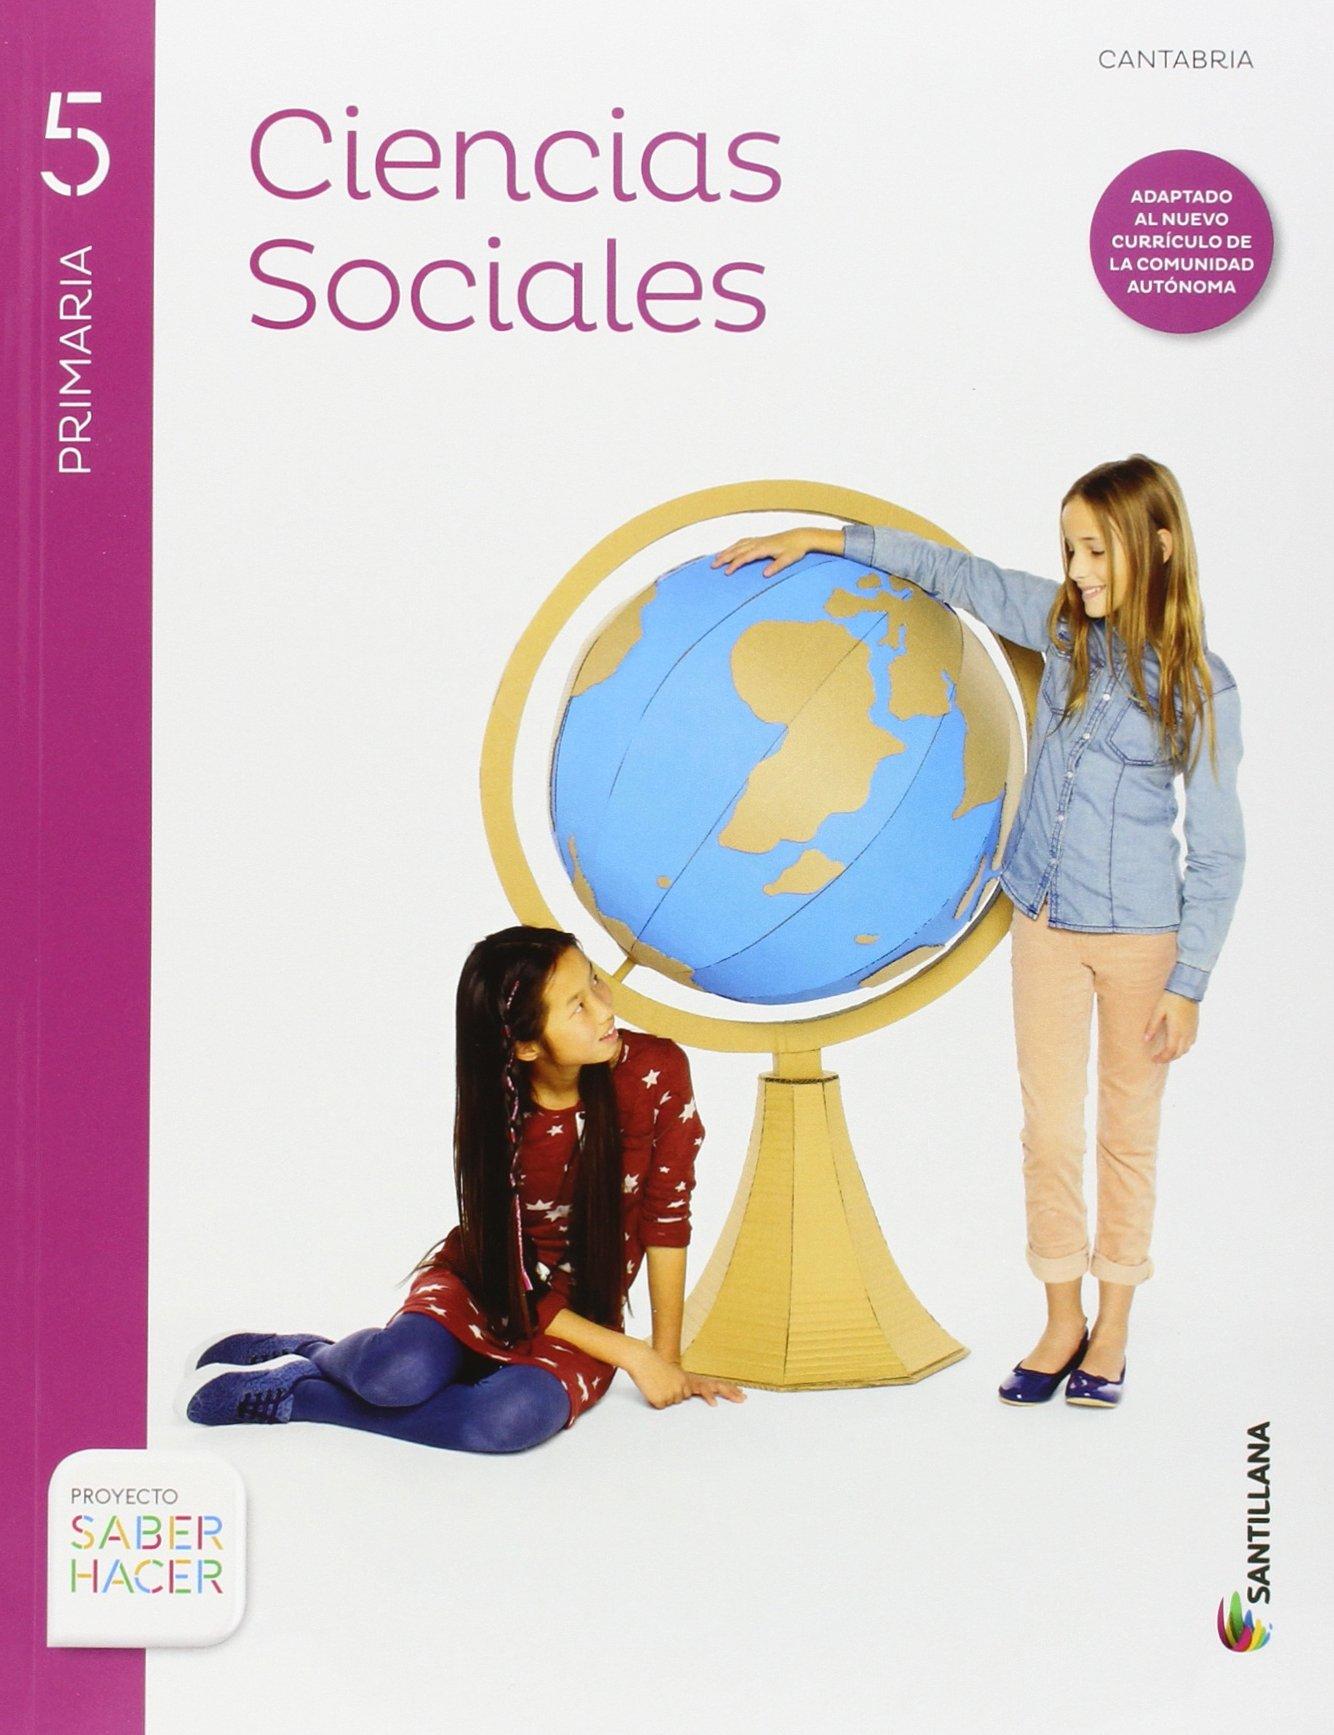 CIENCIAS SOCIALES + ATLAS CANTABRIA 5 PRIMARIA SANTILLANA - 9788468023861: Amazon.es: Aa.Vv.: Libros